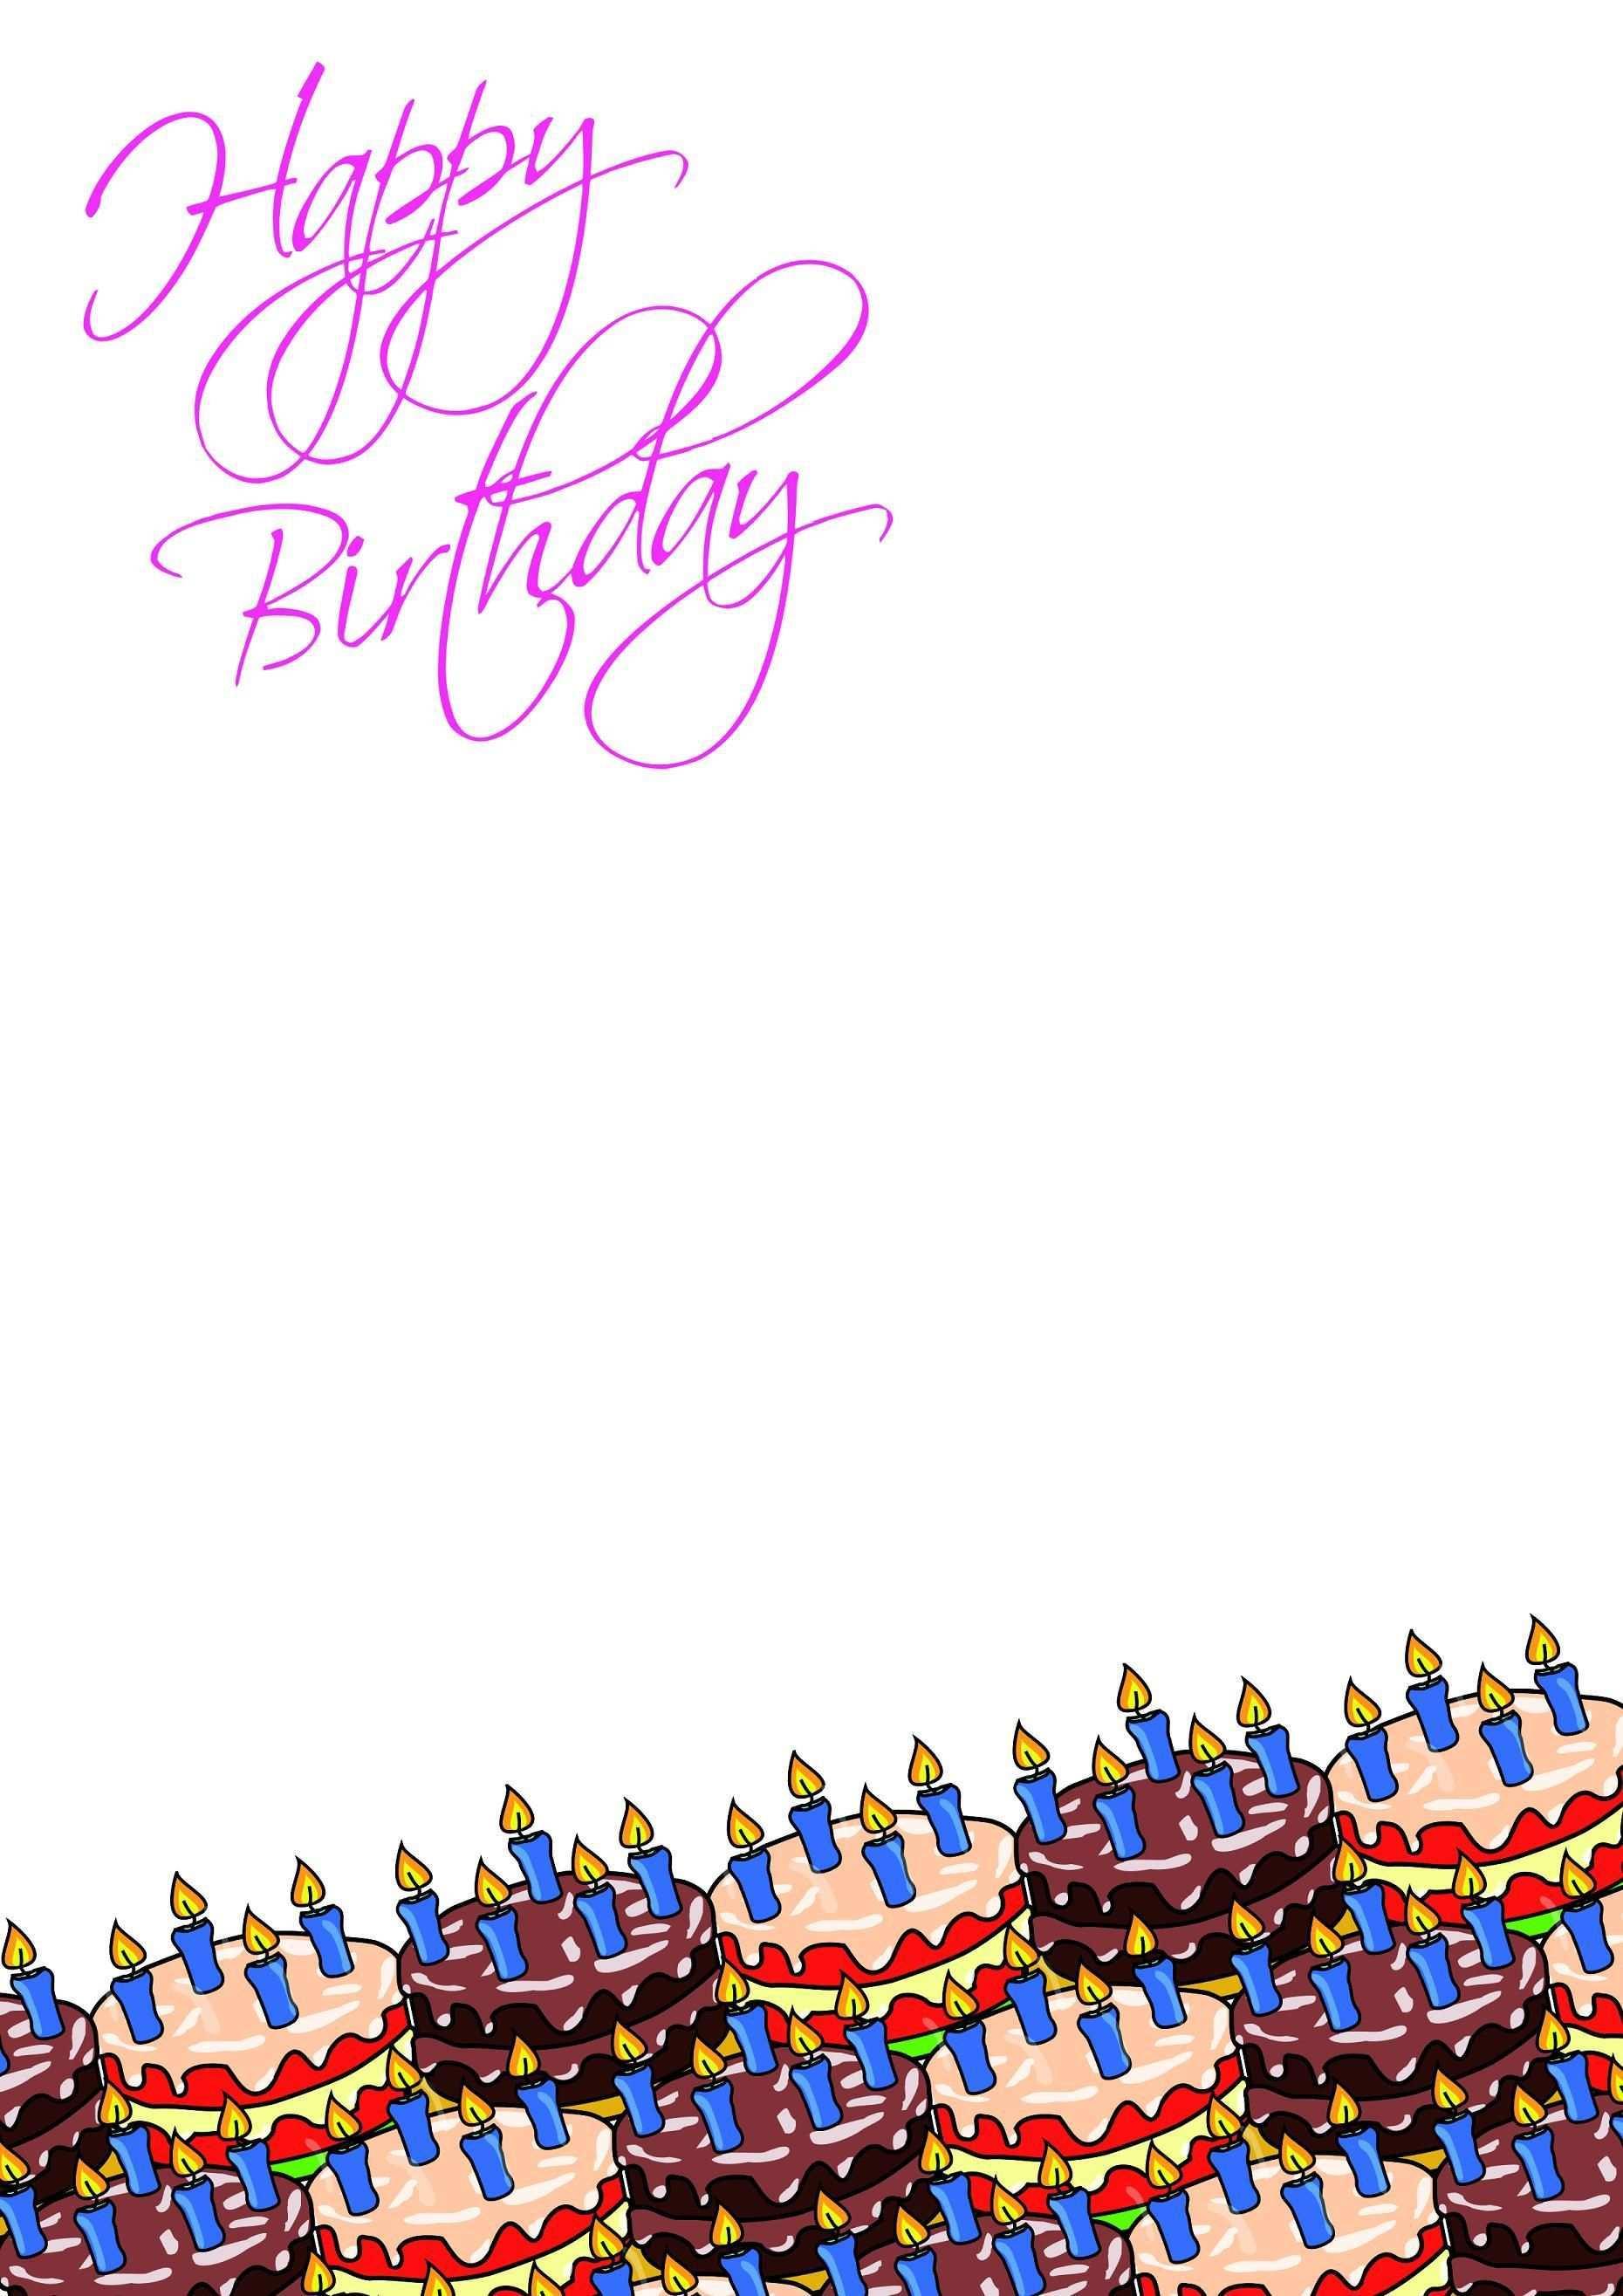 Geburstags Briefpapier Vorlagen Birthday Cake Briefpapier Weihnachten Briefpapier Vorlage Briefpapier